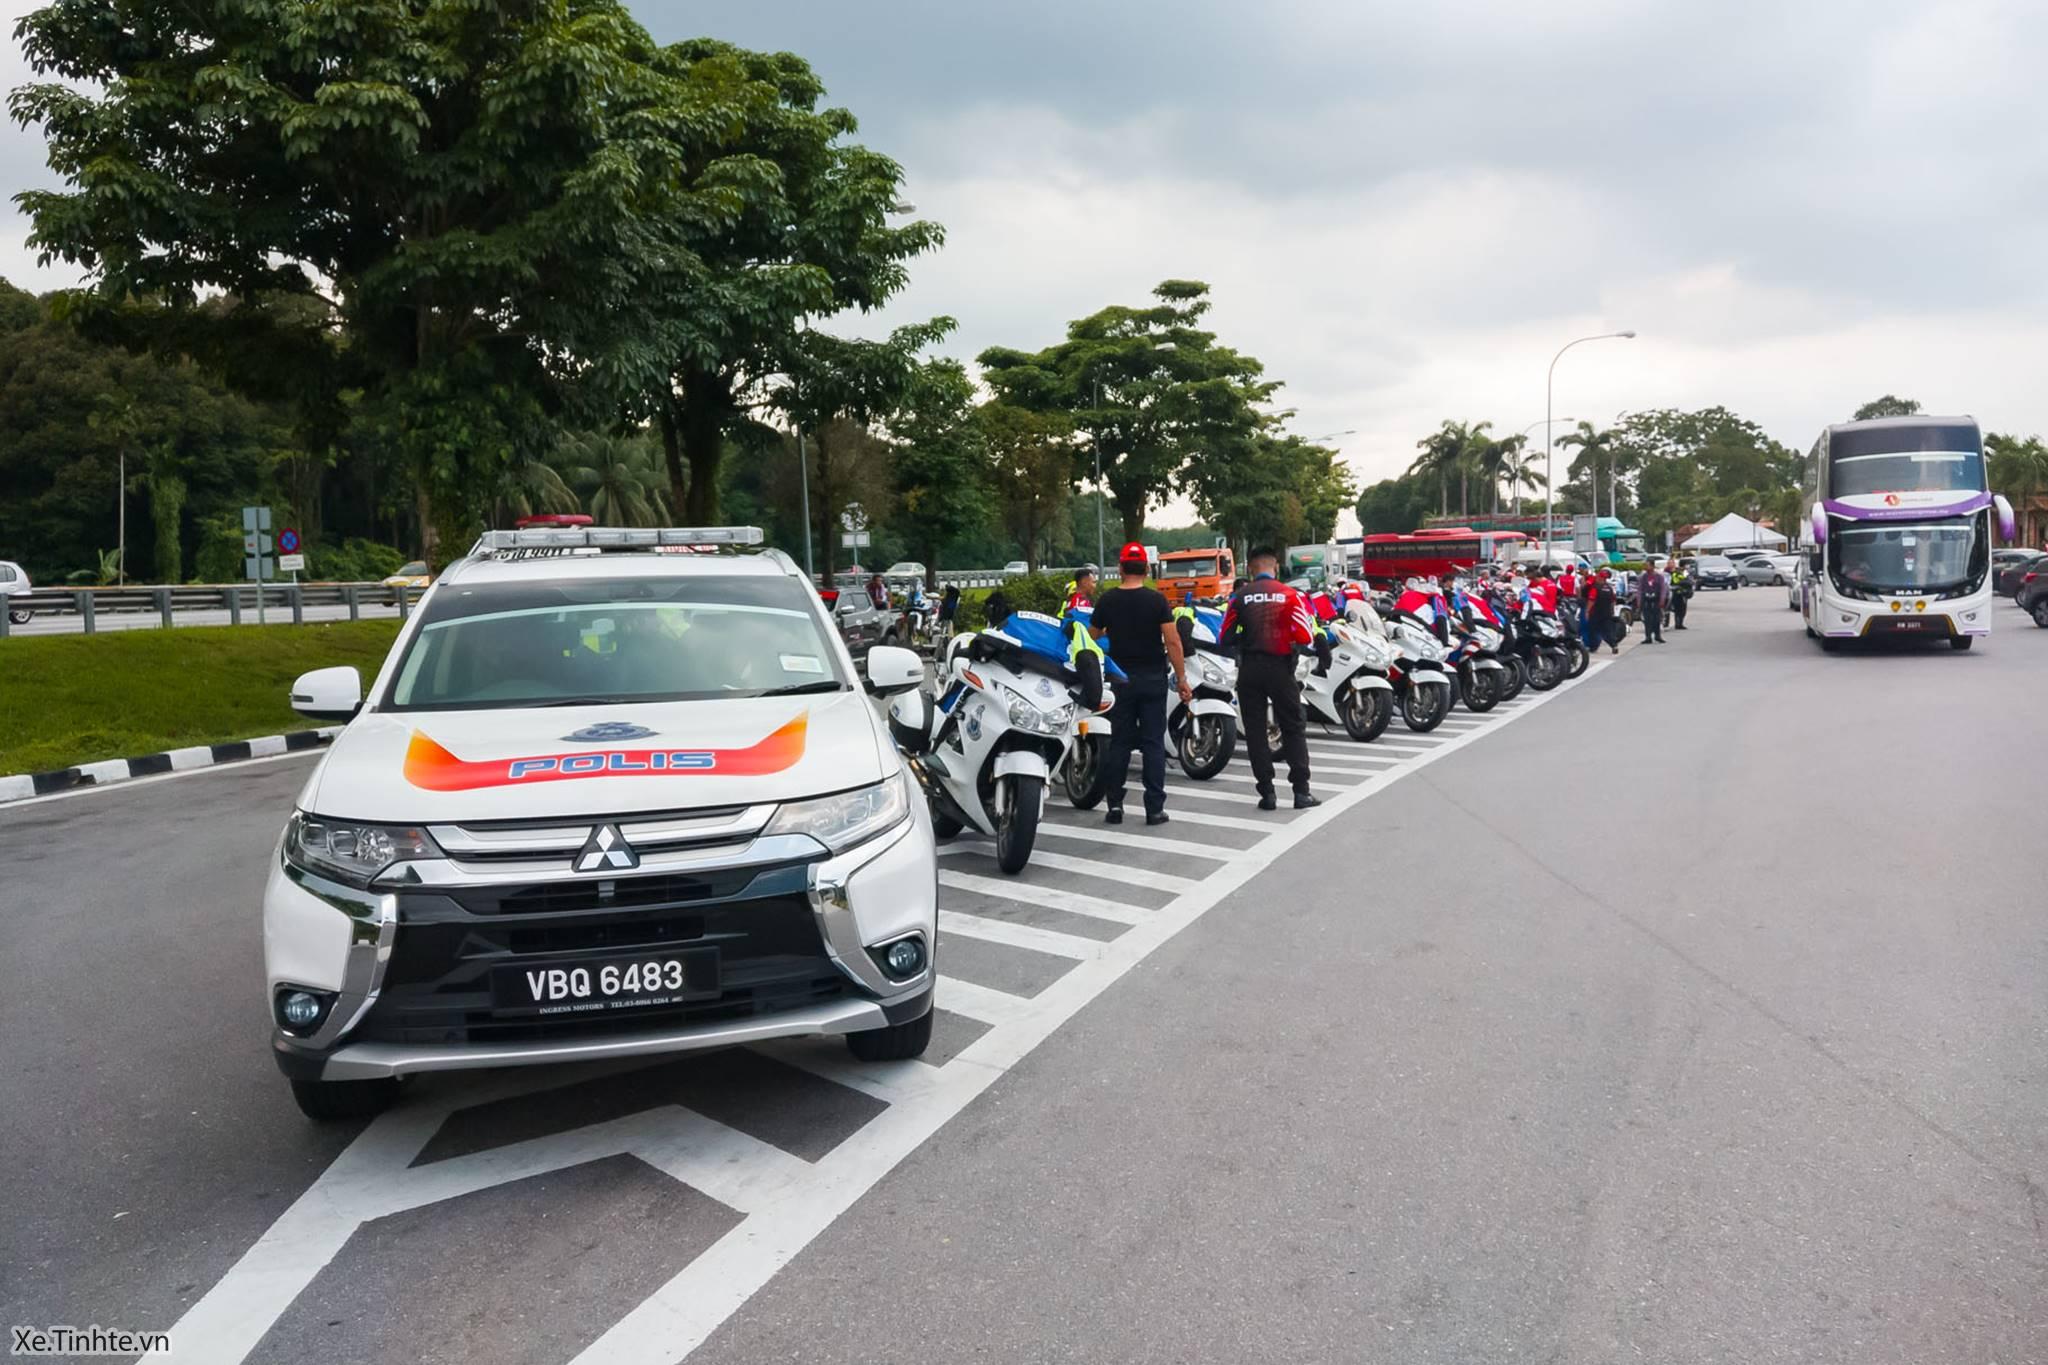 Honda_Asian_Journey_2018_Xe_Tinhte_IMAG0383.jpg